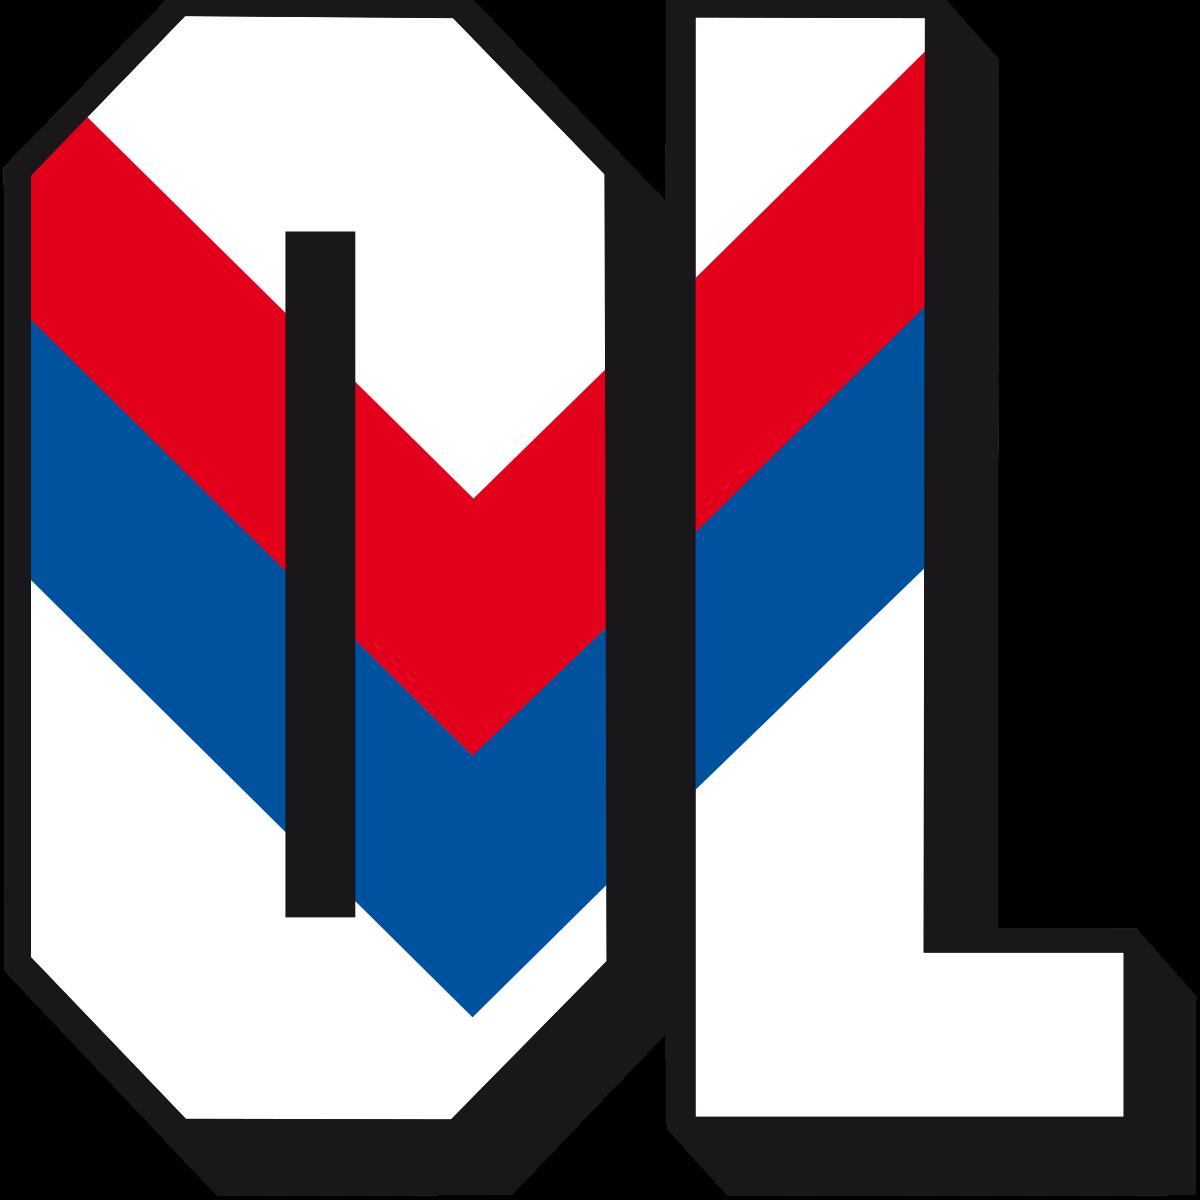 File:Olympique lyonnais (logo 1989).svg.